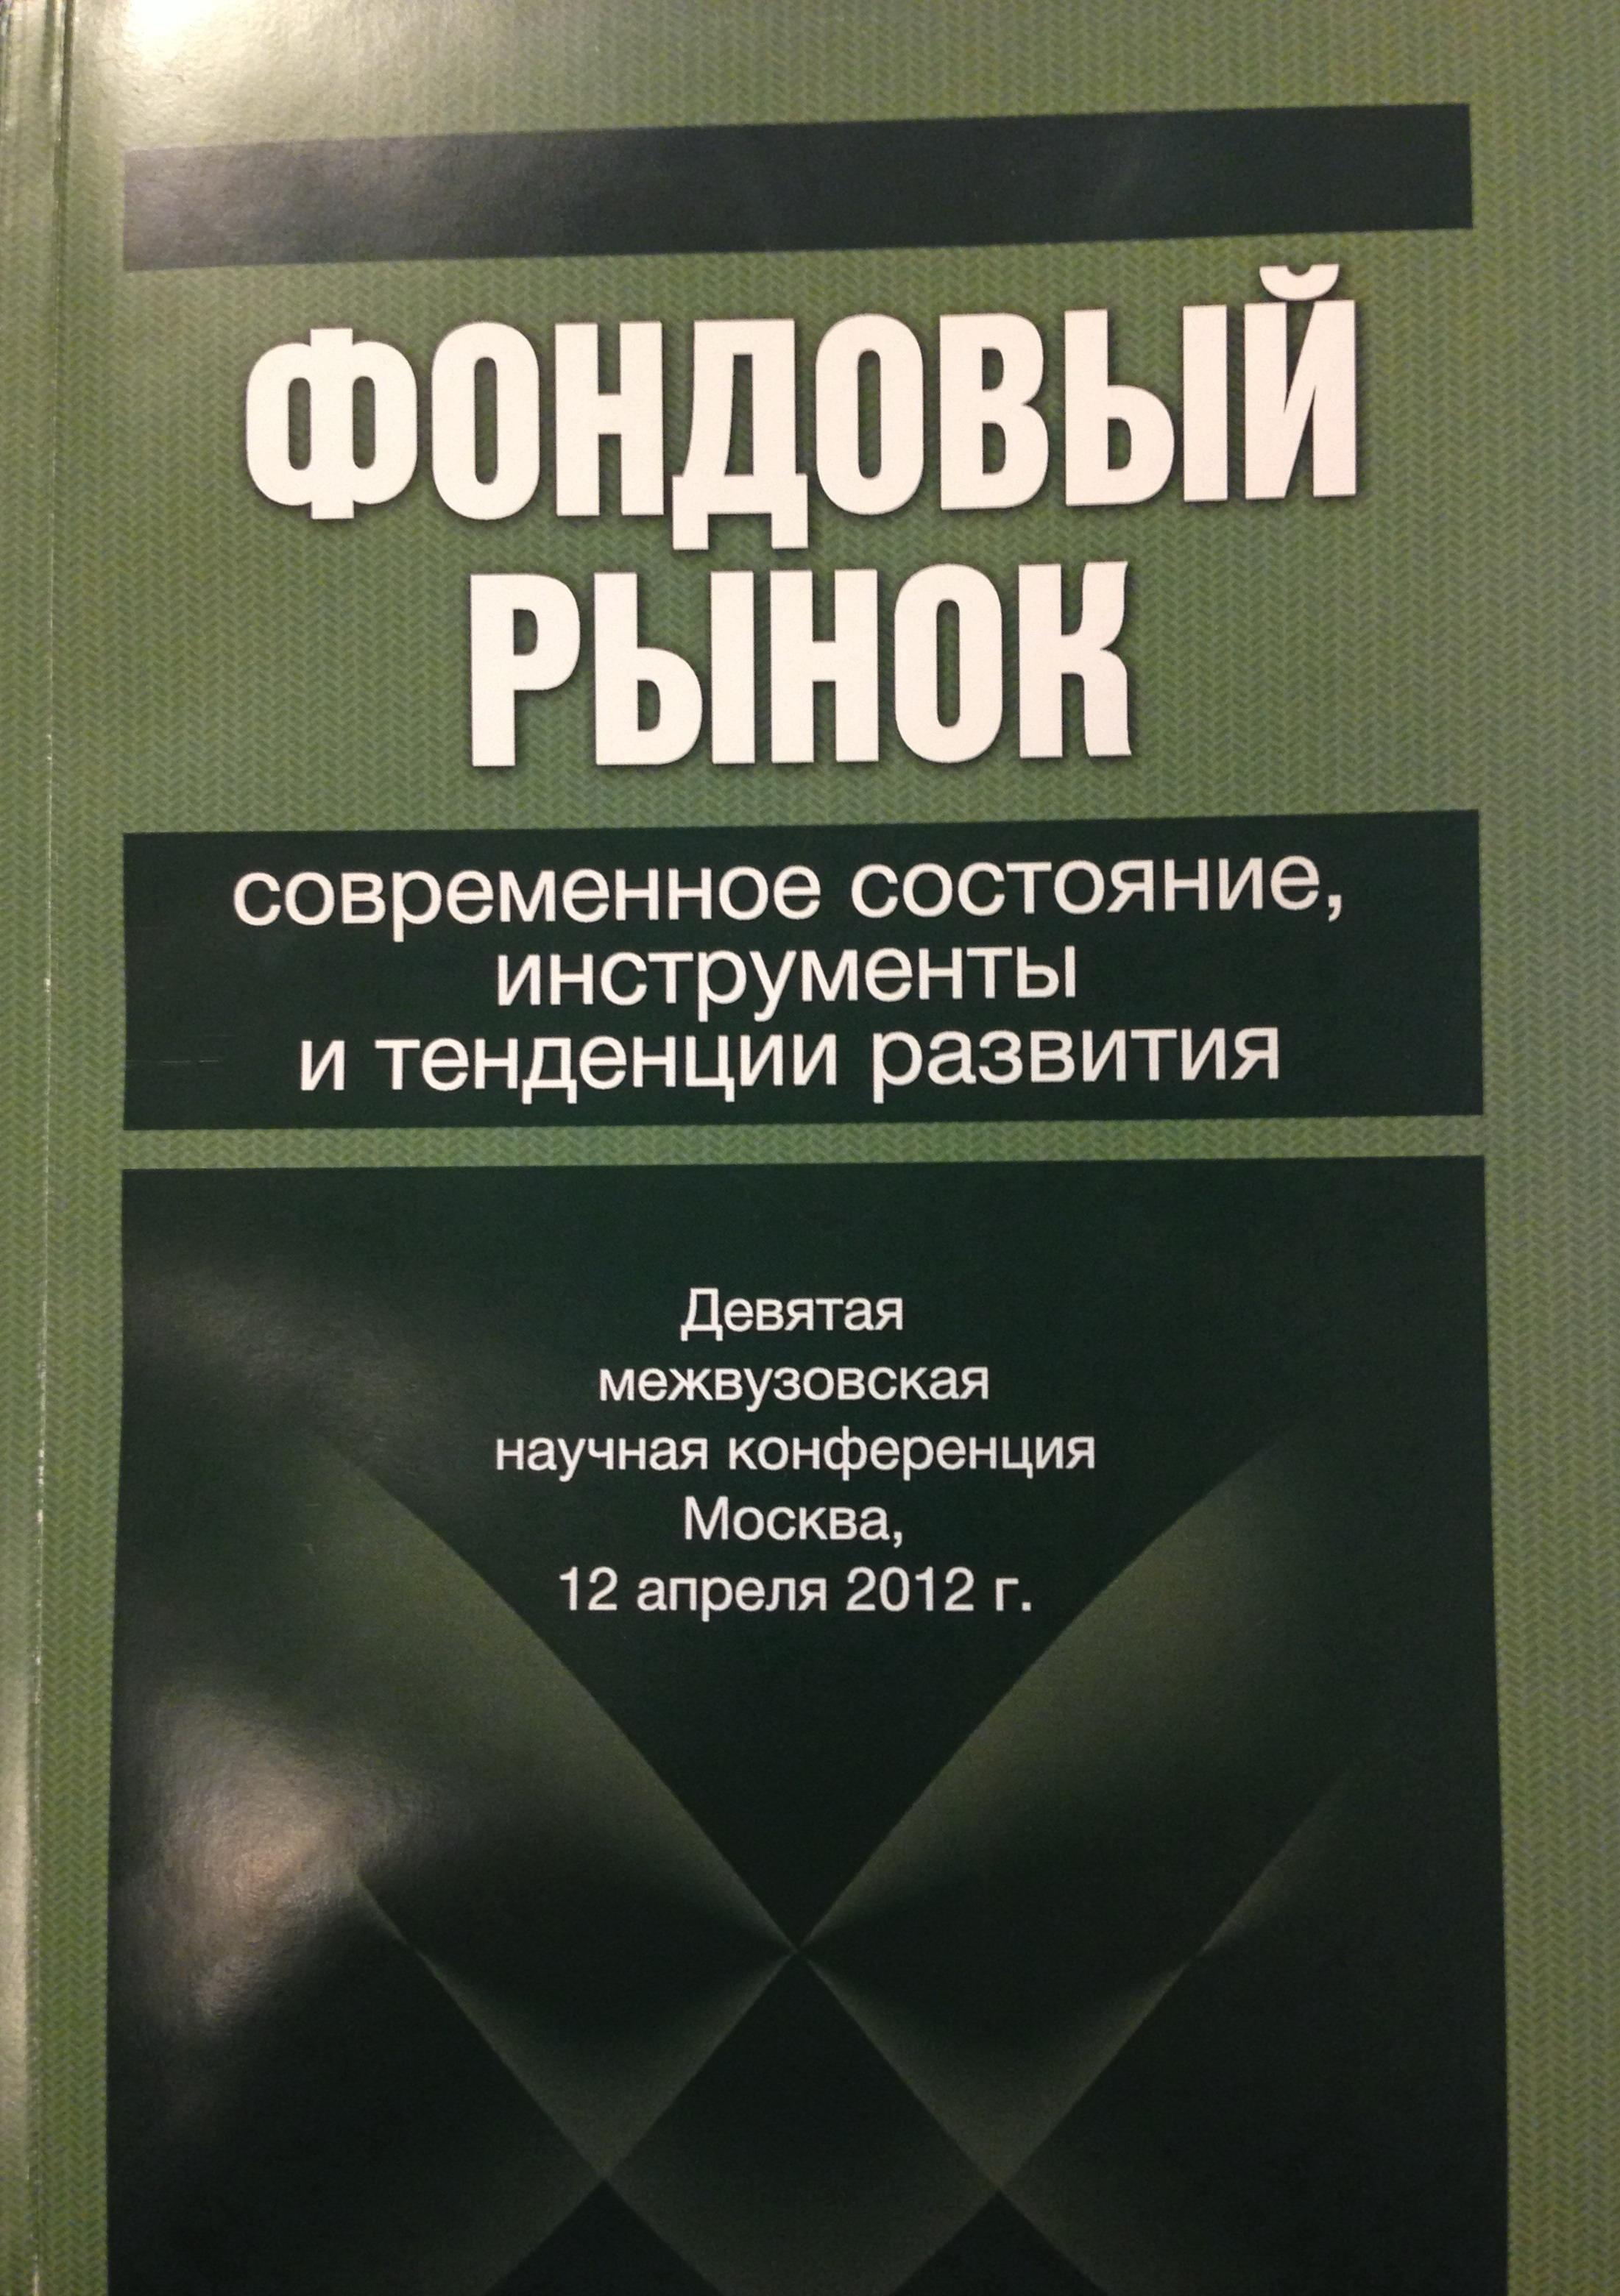 Фондовый рынок: современное состояние, инструменты и тенденции развития. Девятая Межвузовская научная конференция, Москва, 12 апреля 2012